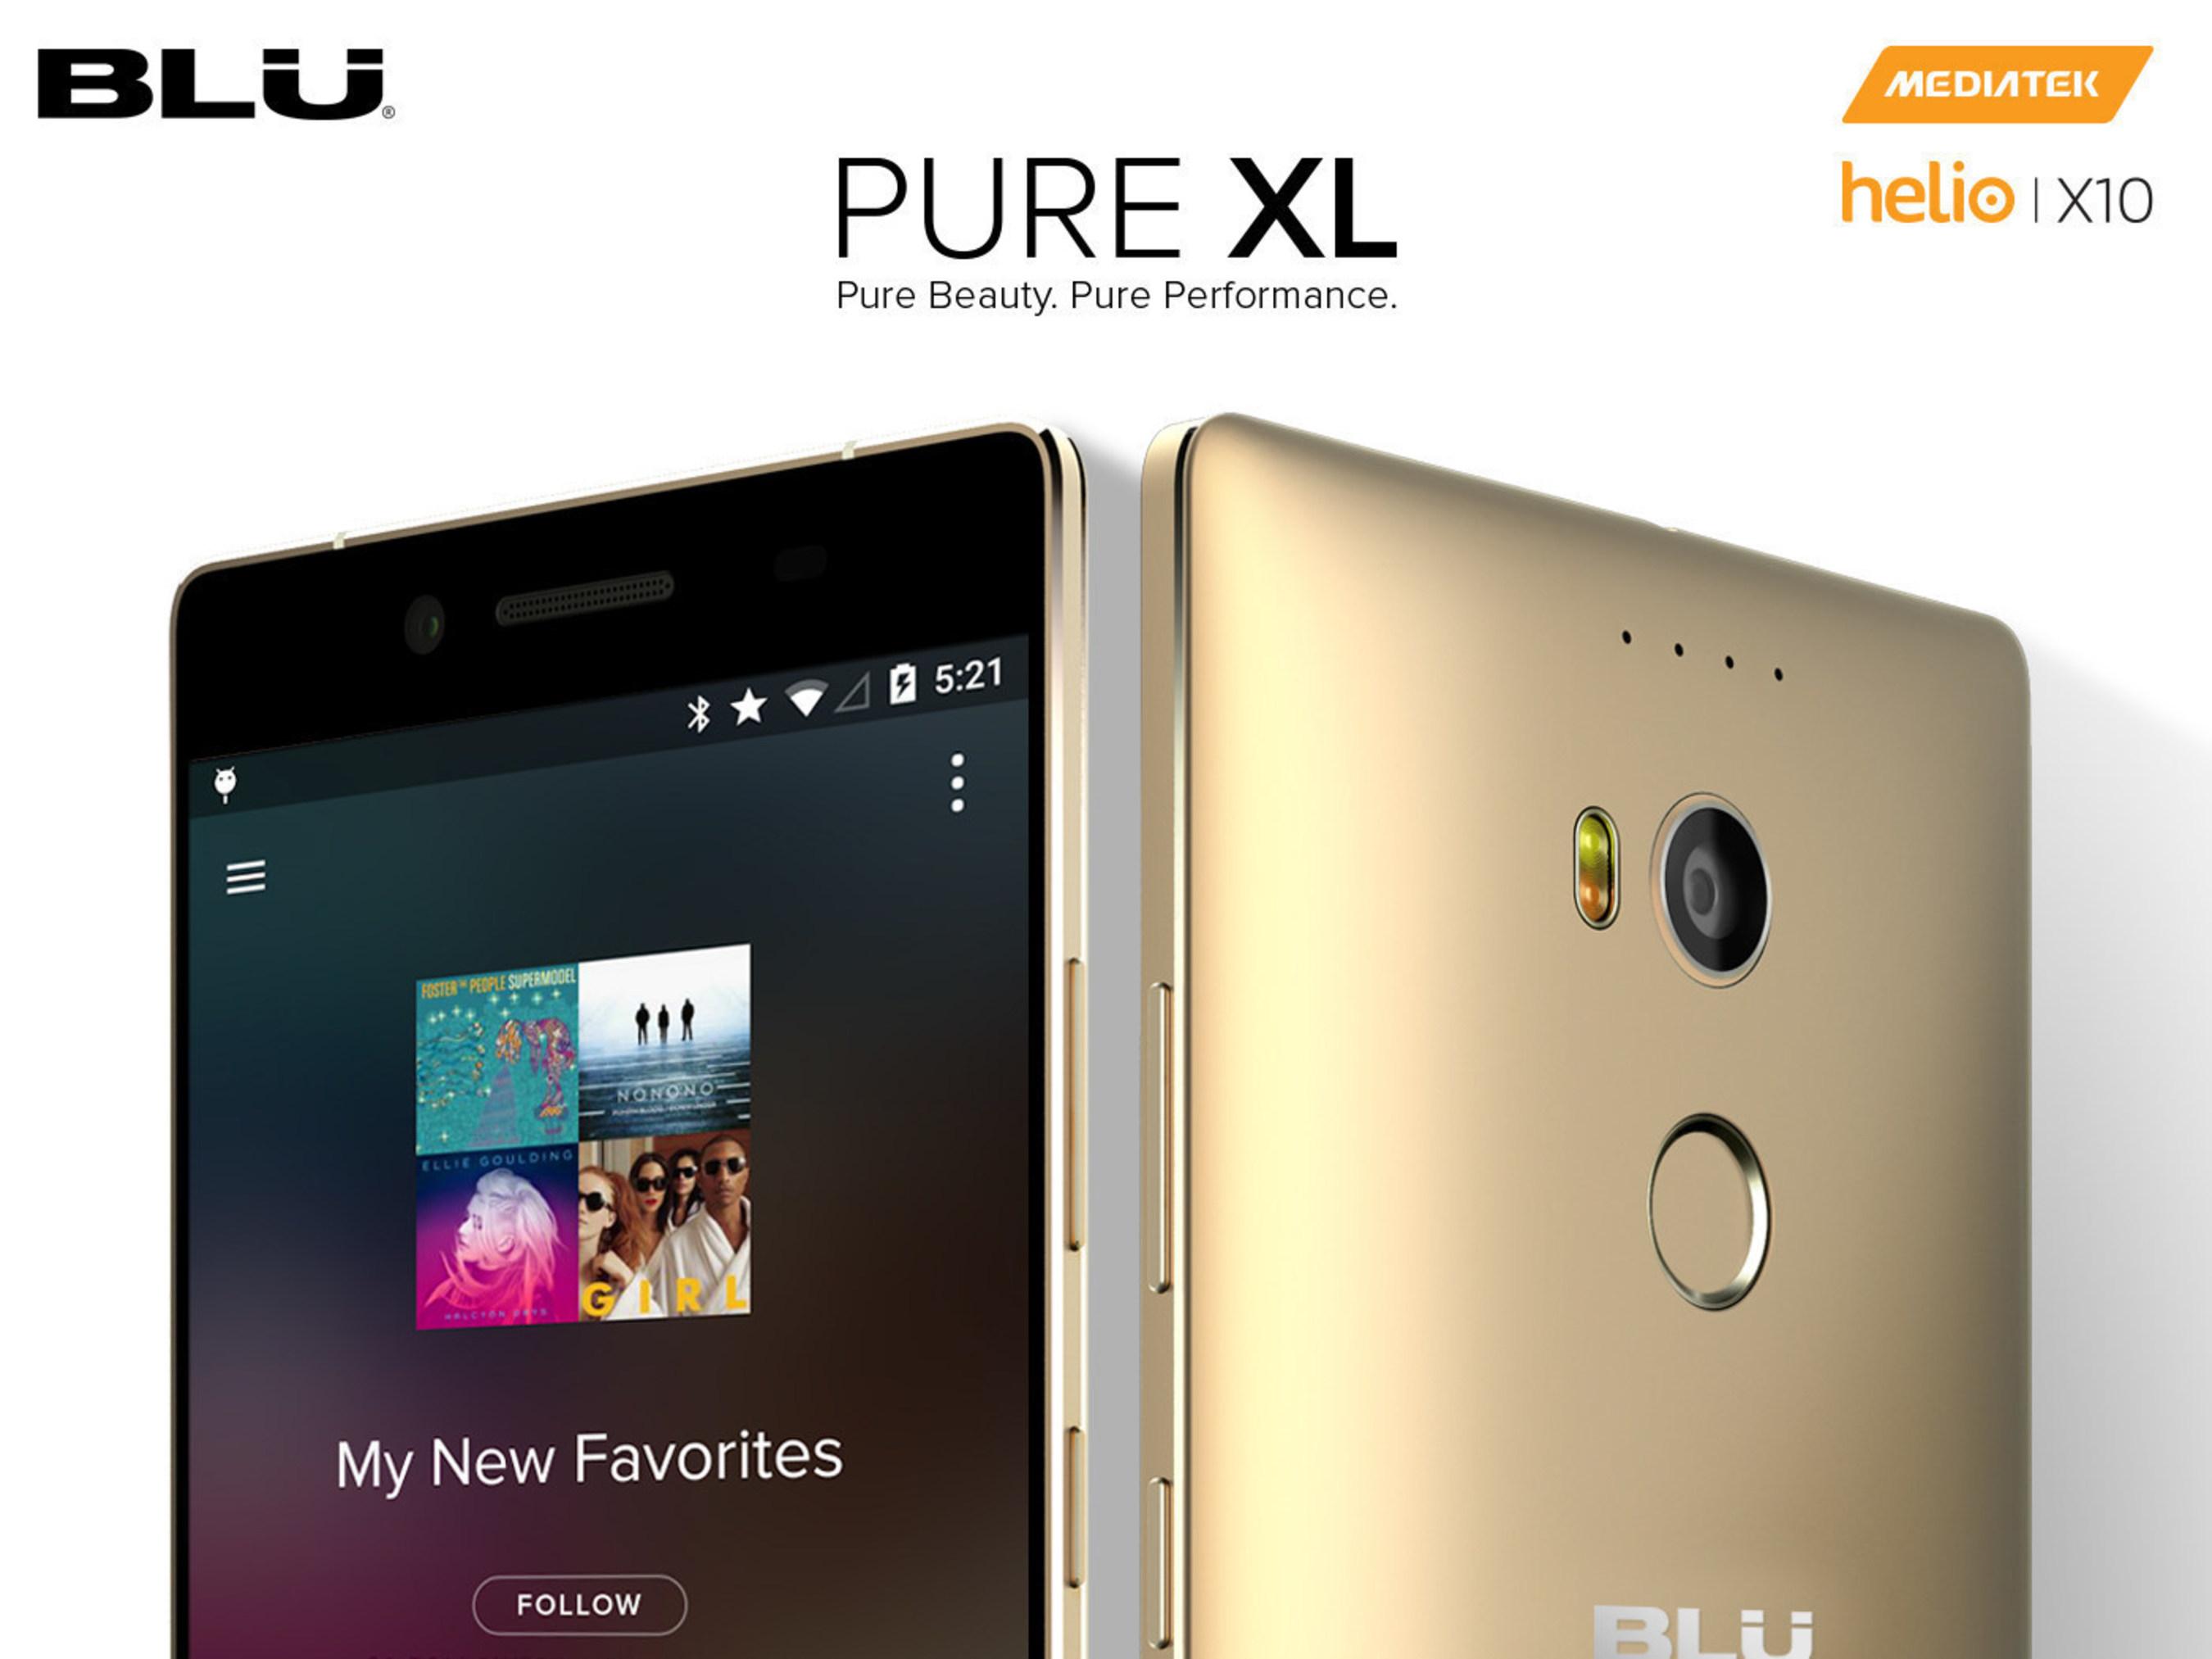 Pure XL